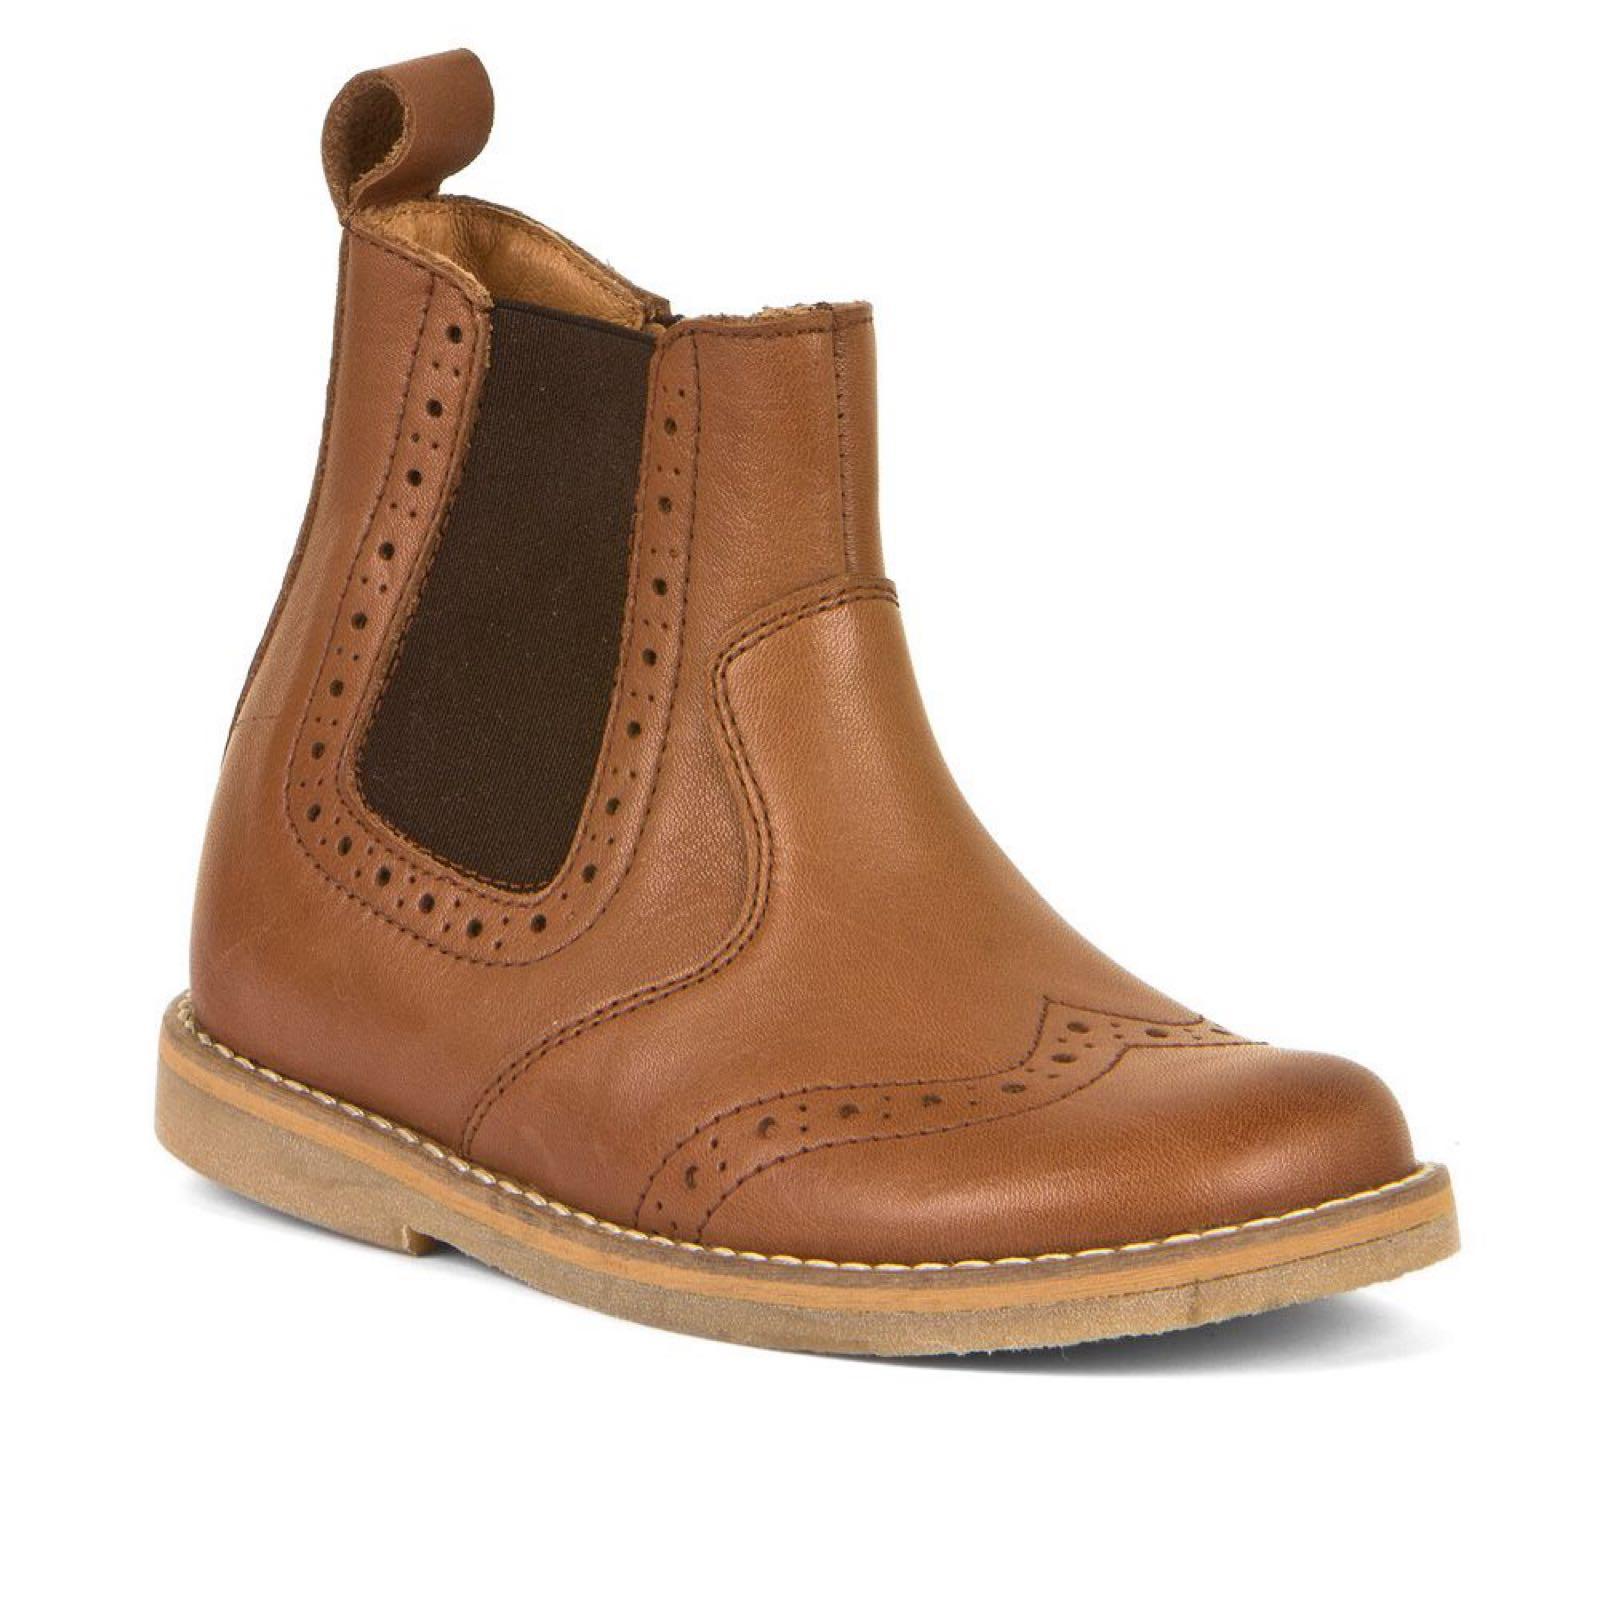 FRODDO Chelsea Boots Cognac G3160142-7